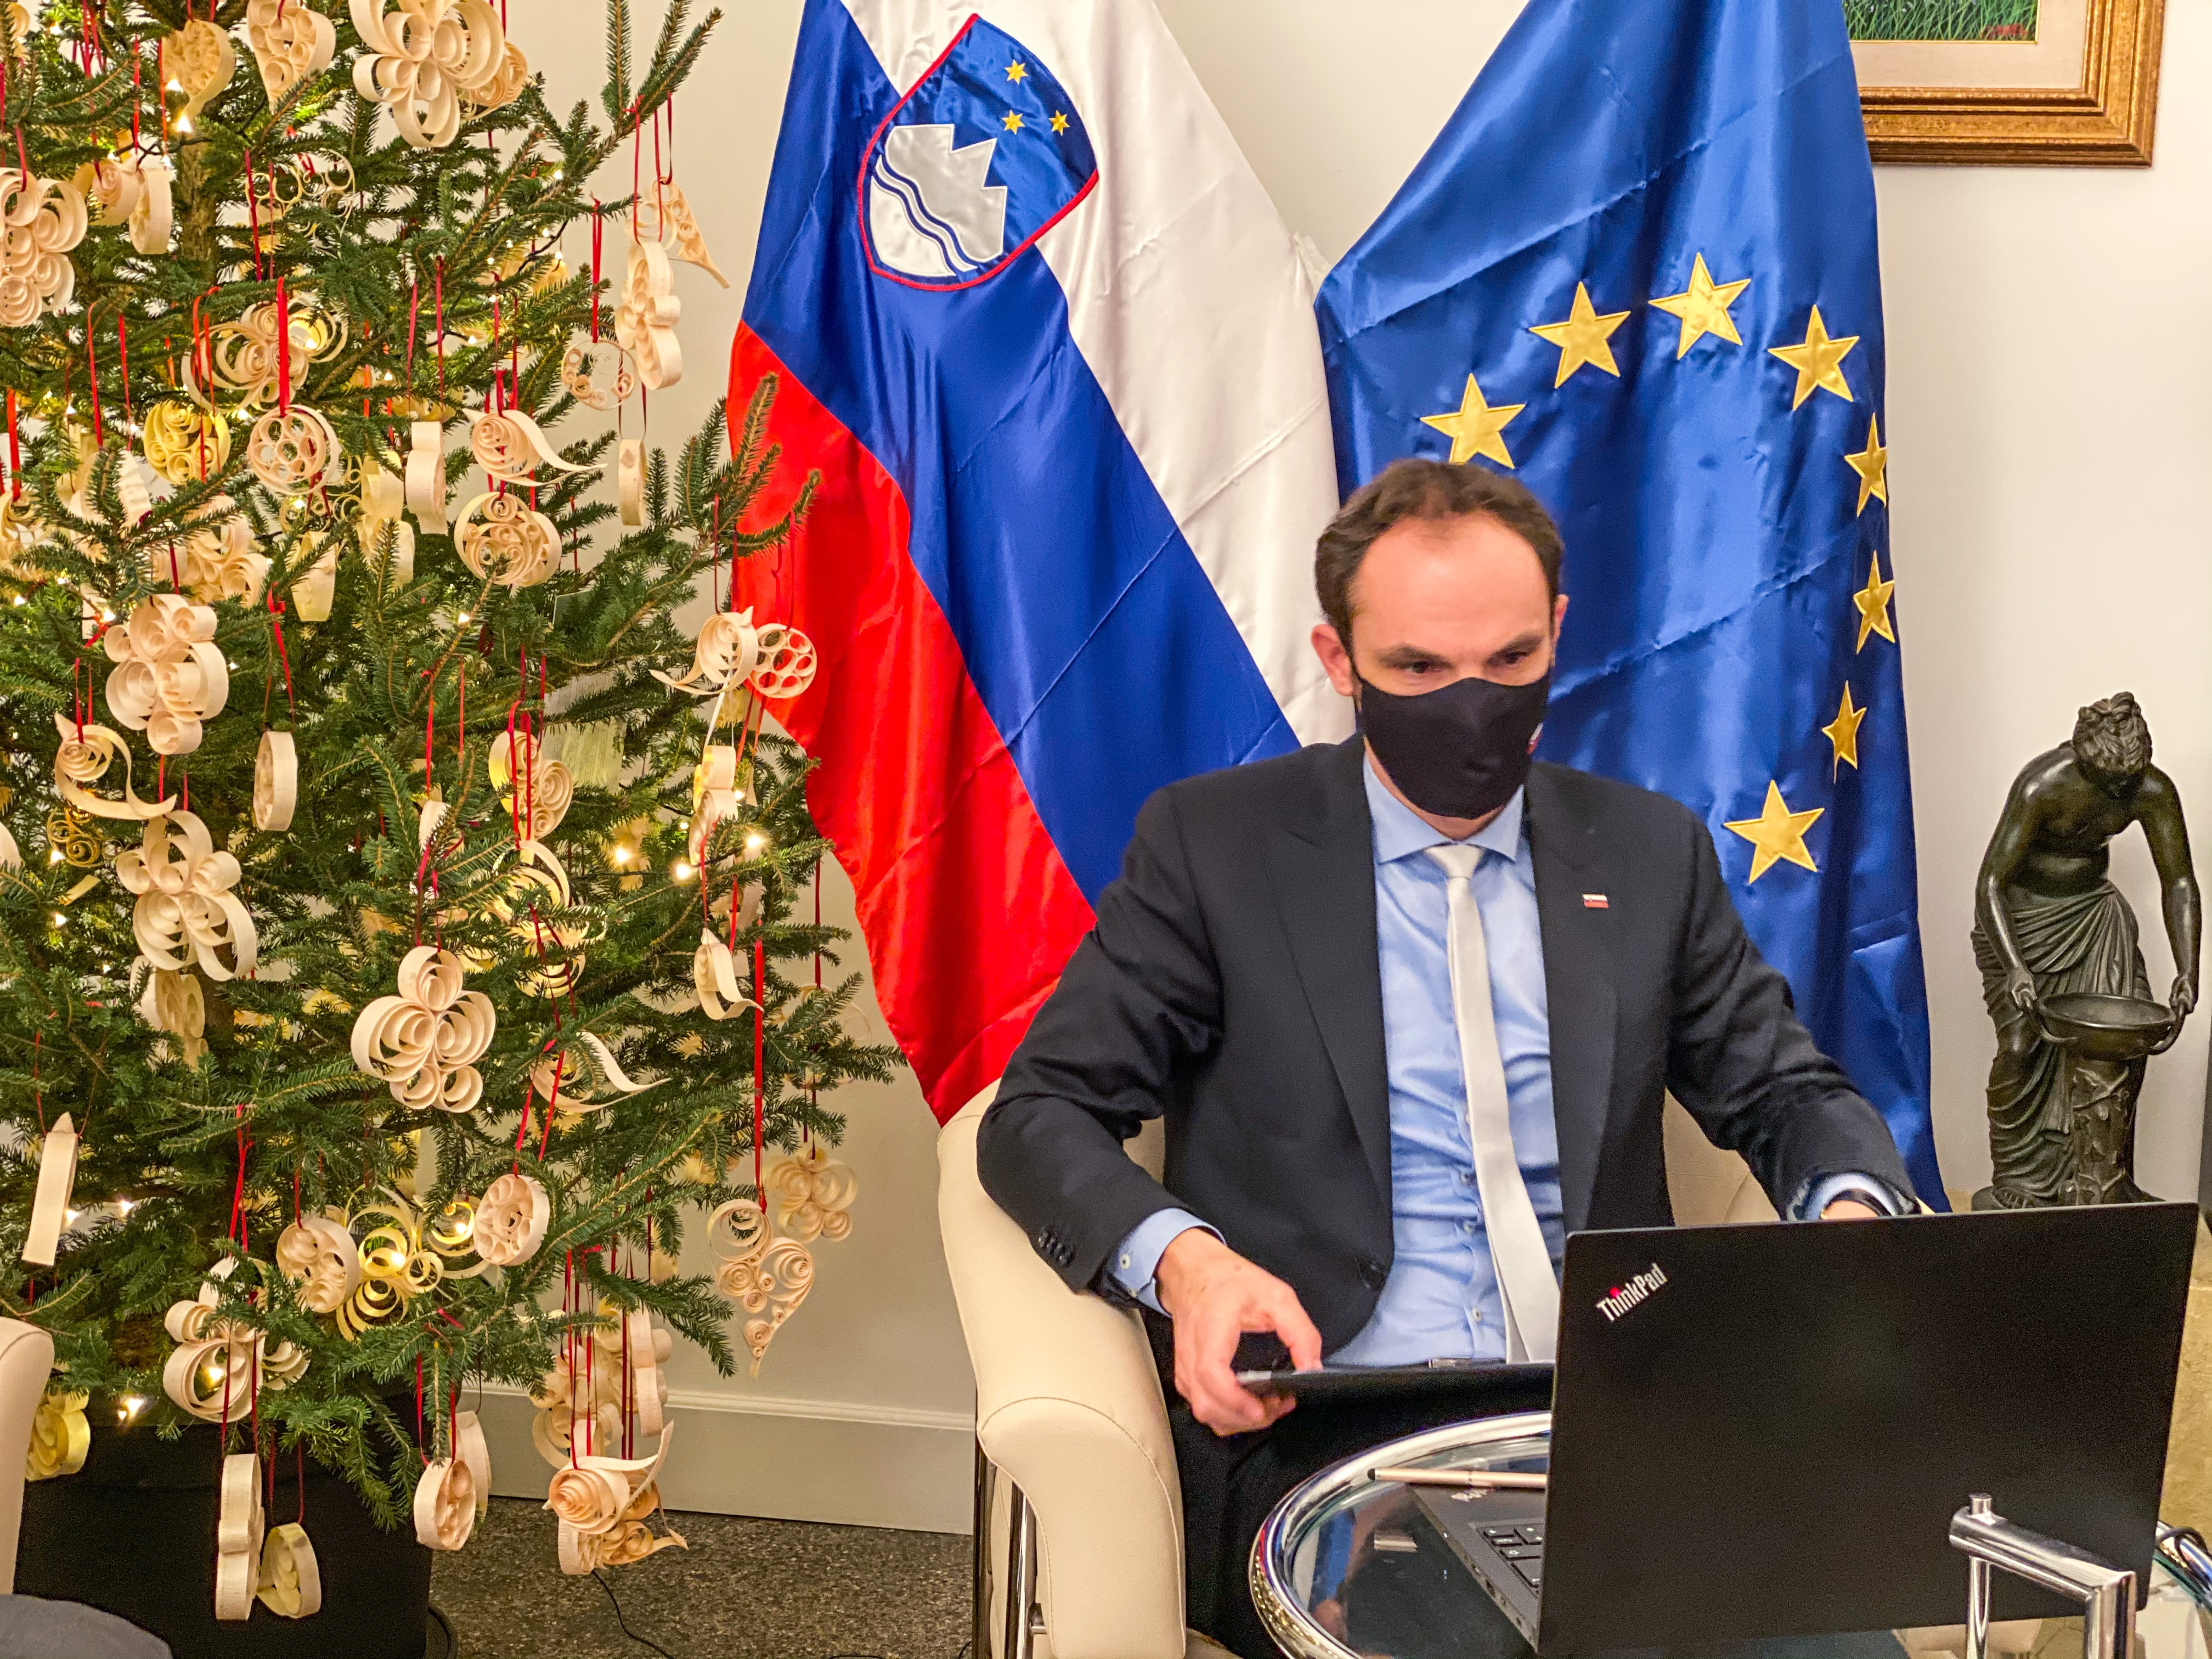 Προγραμματισμός για τριμερή Σλοβενίας-Ιταλίας-Κροατίας για την ΑΟΖ στην Αδριατική